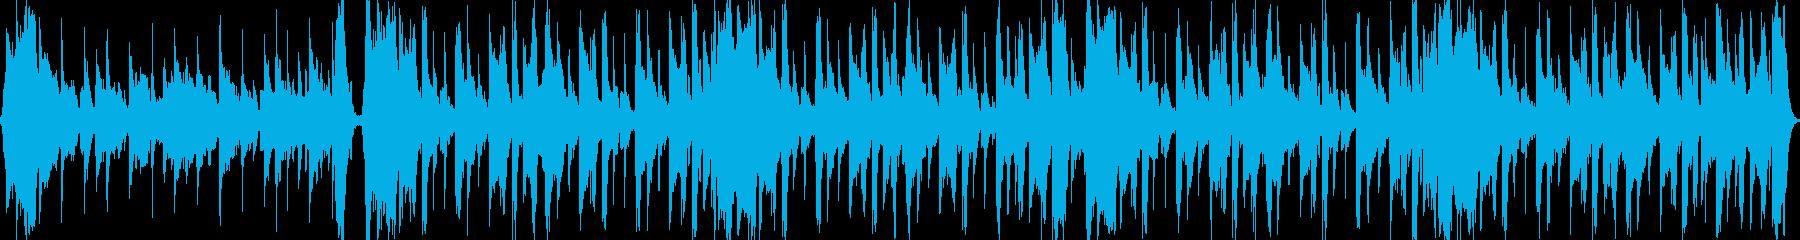 ゆったりとした優しいループBGMの再生済みの波形